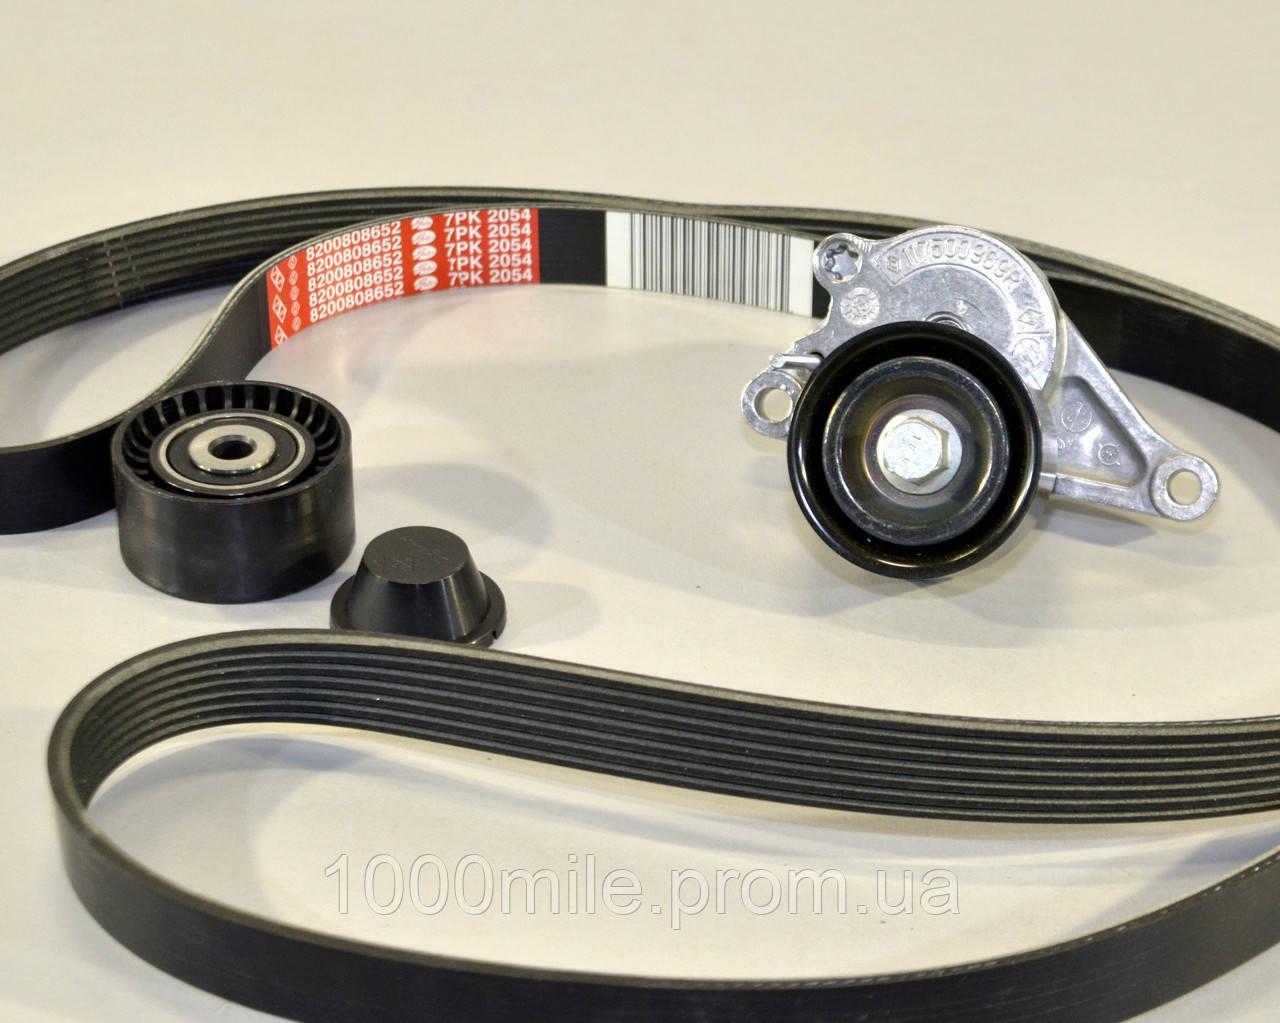 Комплект натяжитель + ролик + ремень на Renault Master III 2010-> 2.3dCi  — Renault (Оригинал) - 117207736R